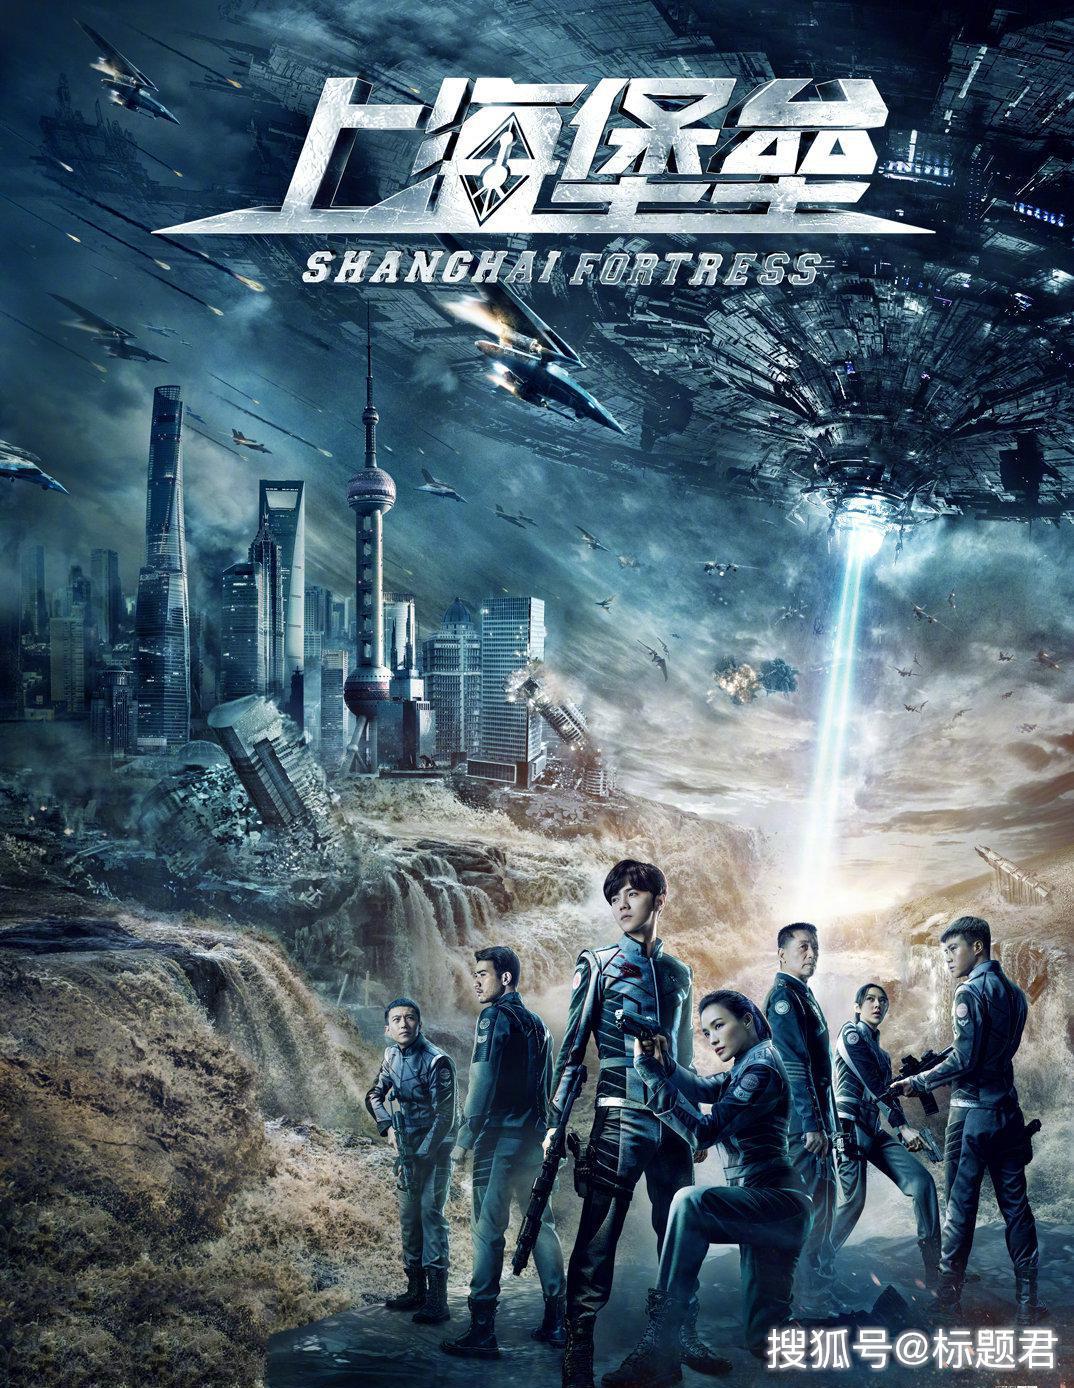 《上海堡垒》发布终极预告,鹿晗演技成最大担忧点,会成烂片吗?